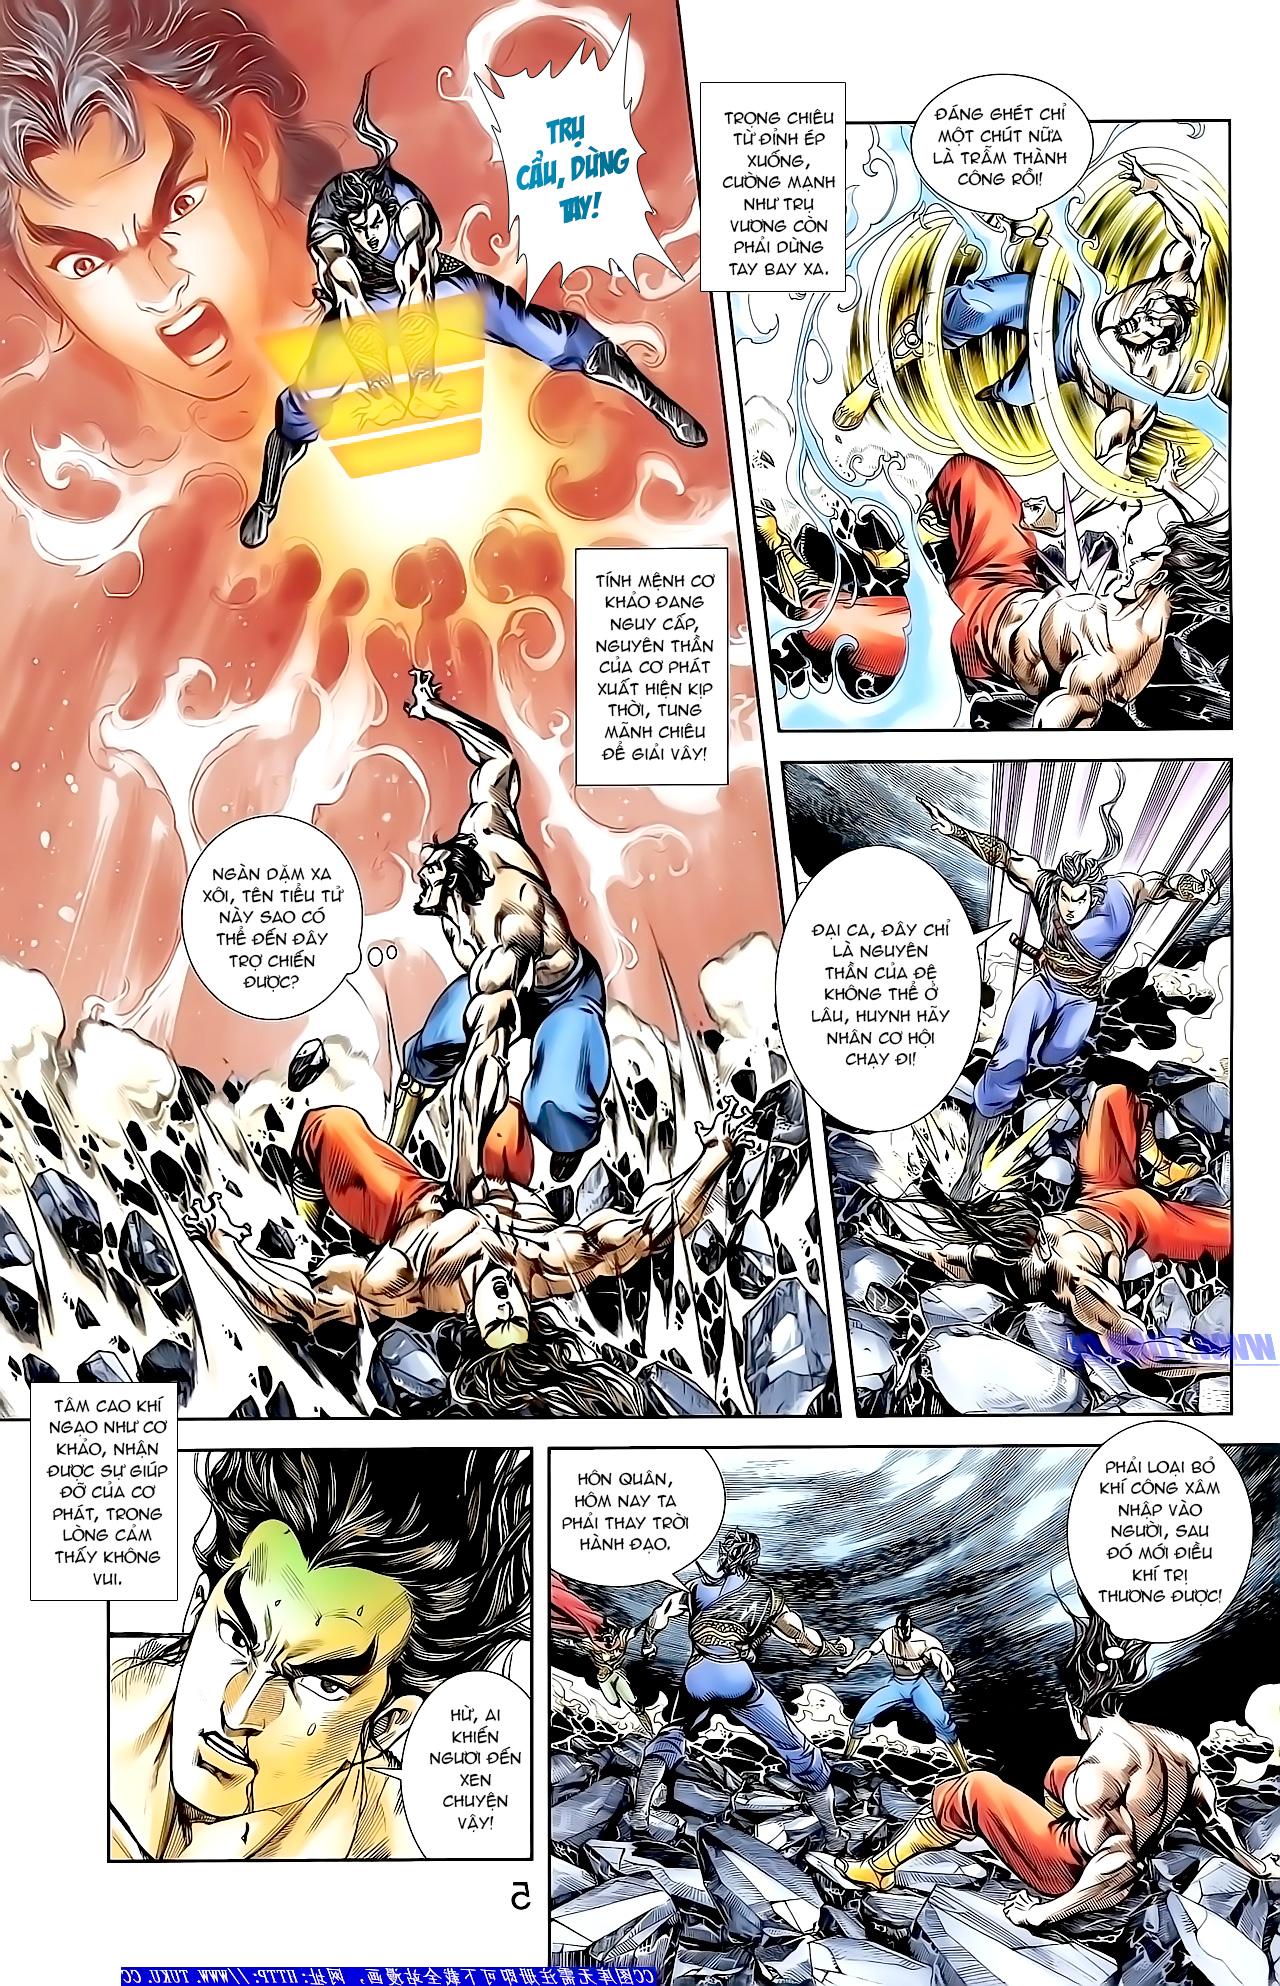 Cơ Phát Khai Chu Bản chapter 149 trang 5